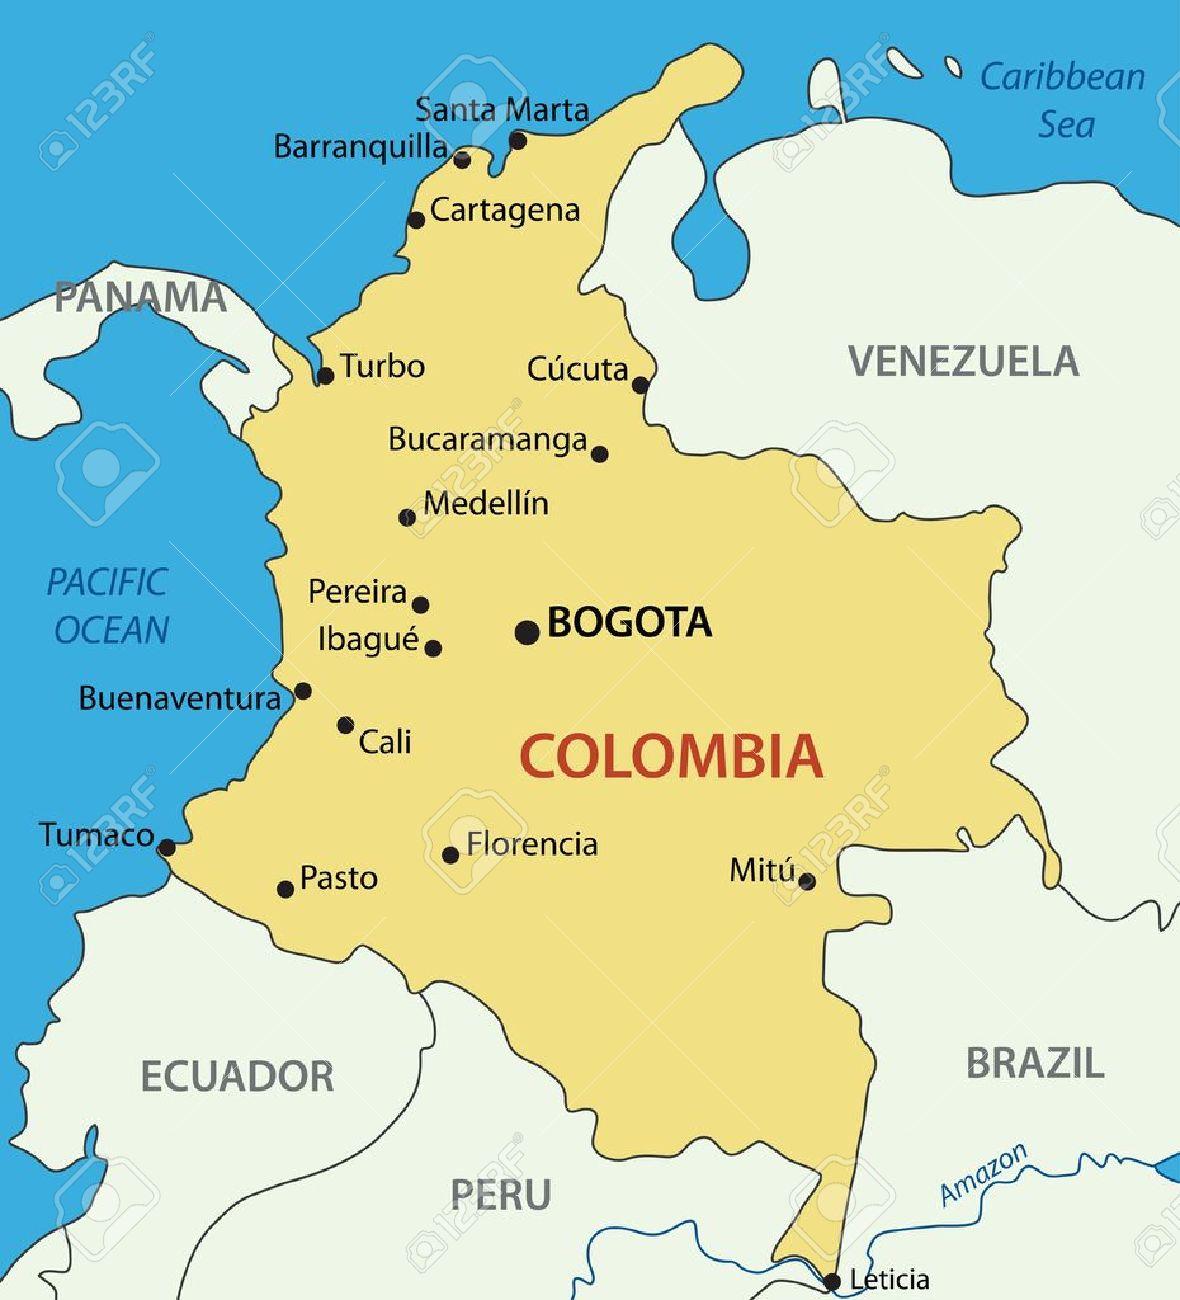 mapa-de-colombia-clipart-7.jpg